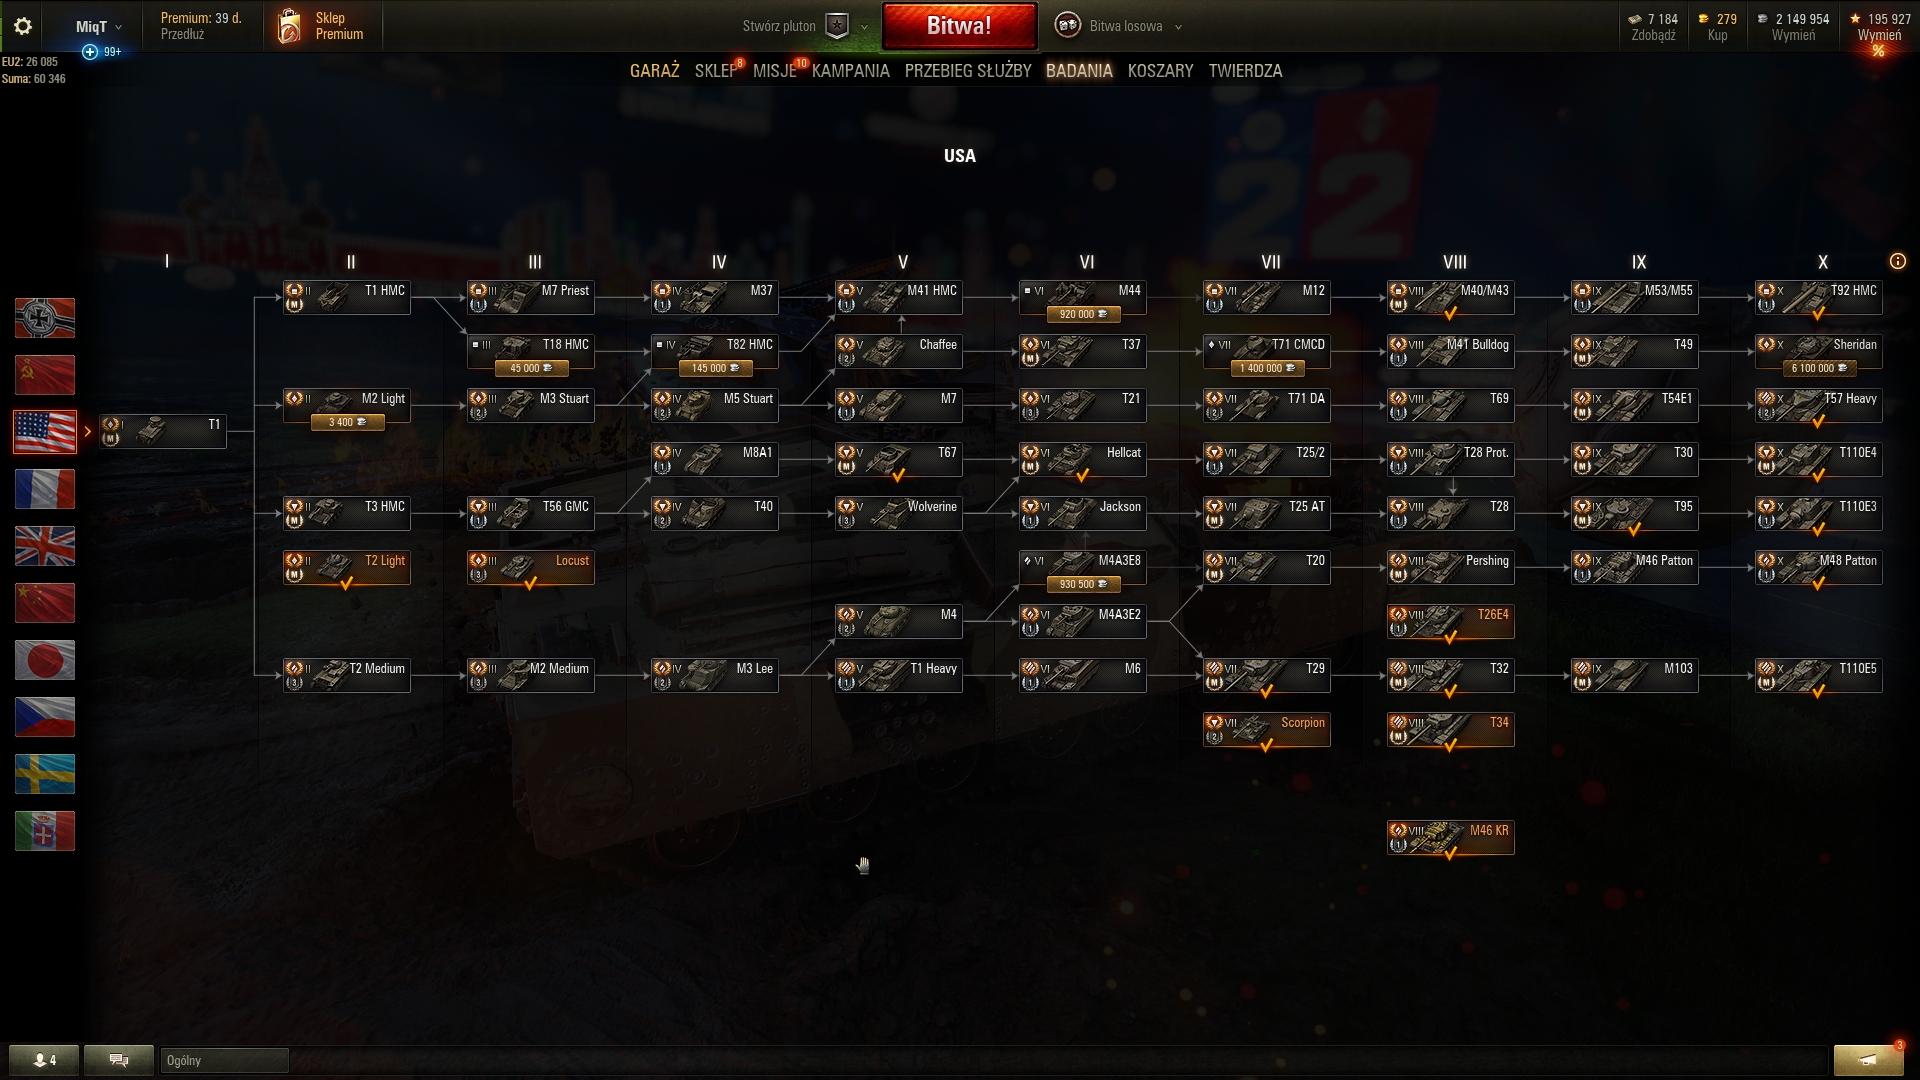 świat czołgów matchmaking lampart